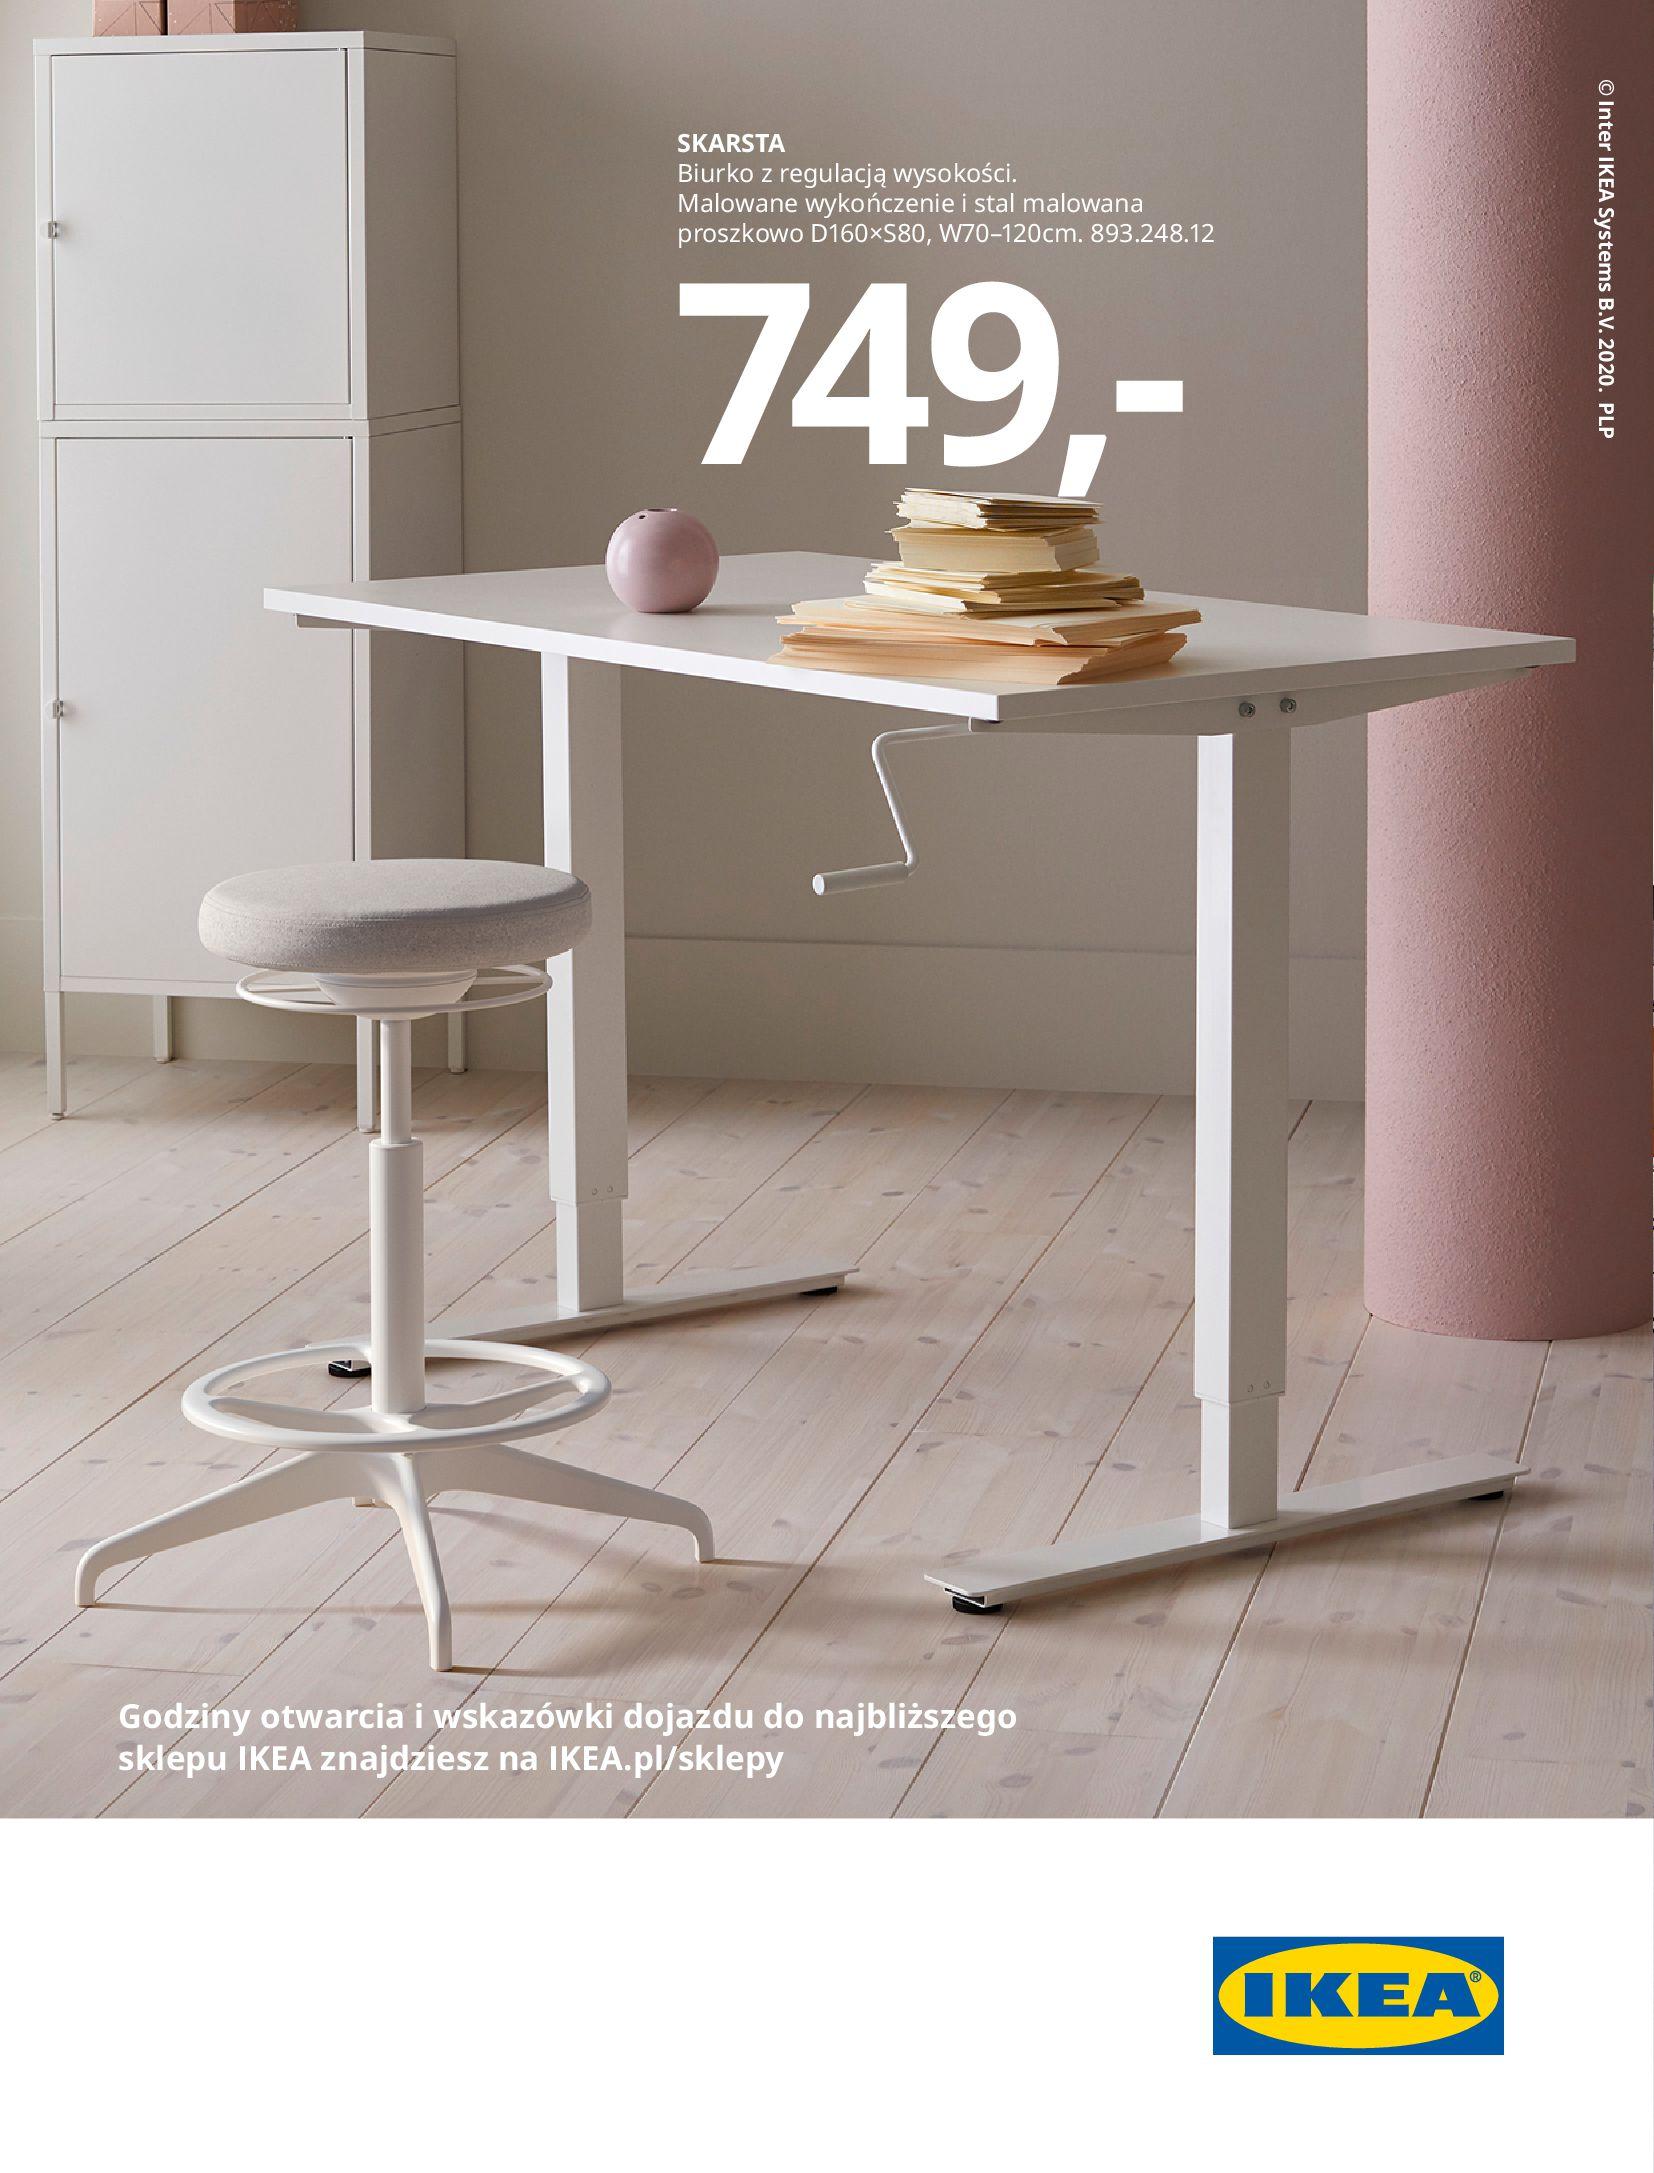 Gazetka IKEA: IKEA dla Firm 2021 2021-01-13 page-36